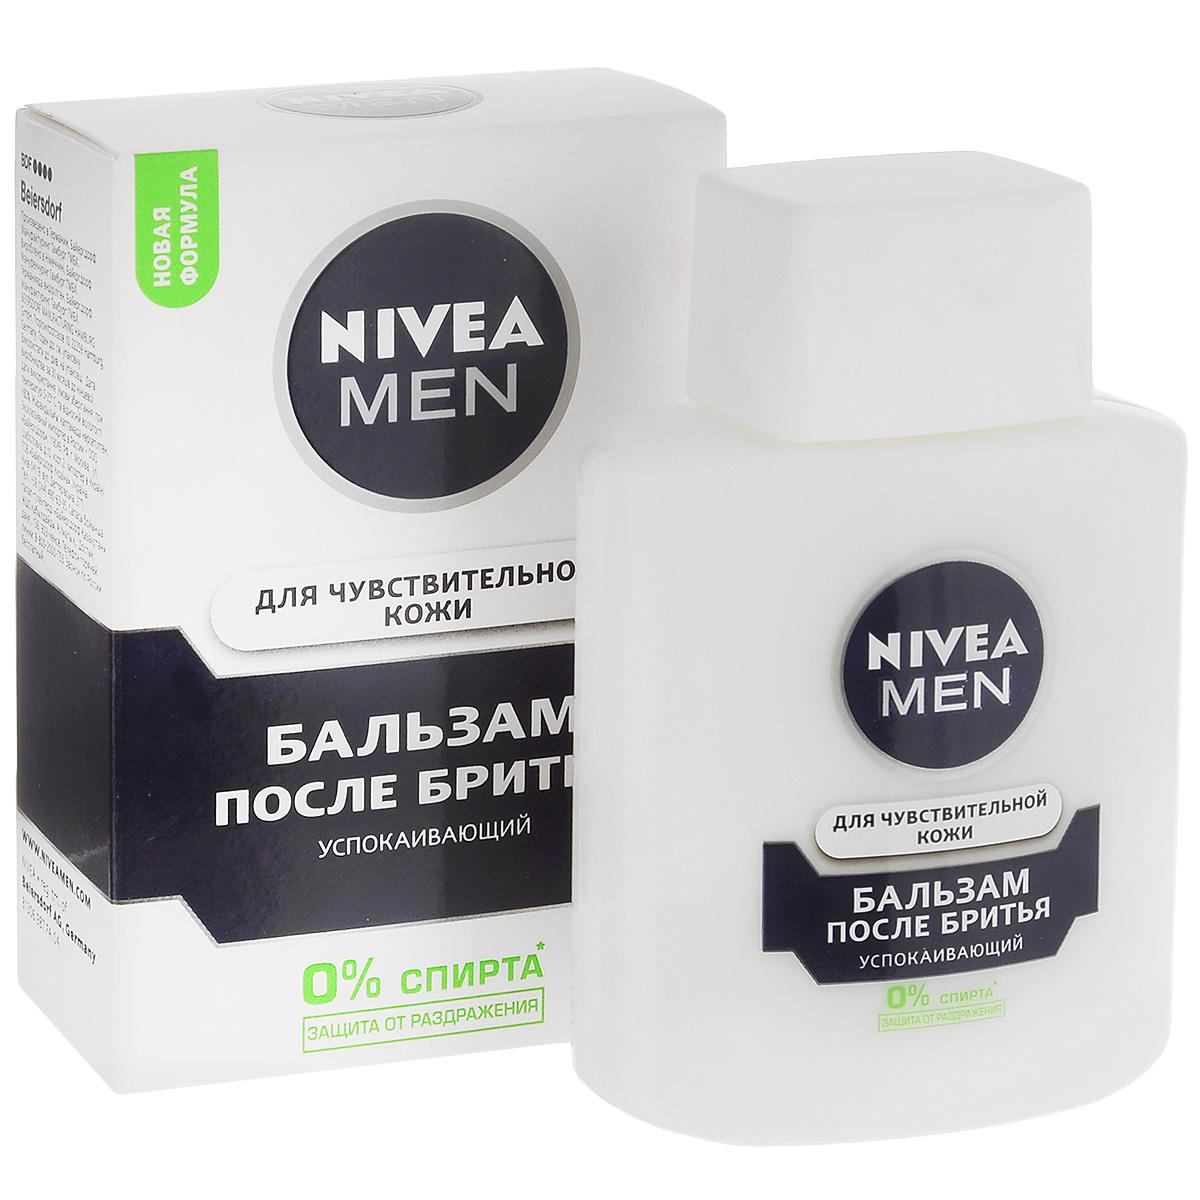 NIVEA Бальзам после бритья Для чувствительной кожи 100 мл10045605Бальзам после бритья Nivea for Men не содержит спирта и обладает нейтральным запахом. Бальзам защищает и успокаивает чувствительную кожу. Мягкая, не содержащая спирта формула бальзама с ромашкой, витамином Е и провитамином В5: Мгновенно успокаивает кожу и уменьшает покраснения; Защищает кожу от раздражения; Уменьшает сухость кожи после бритья. Результат: здоровая, ухоженная кожа без раздражения. Товар сертифицирован.